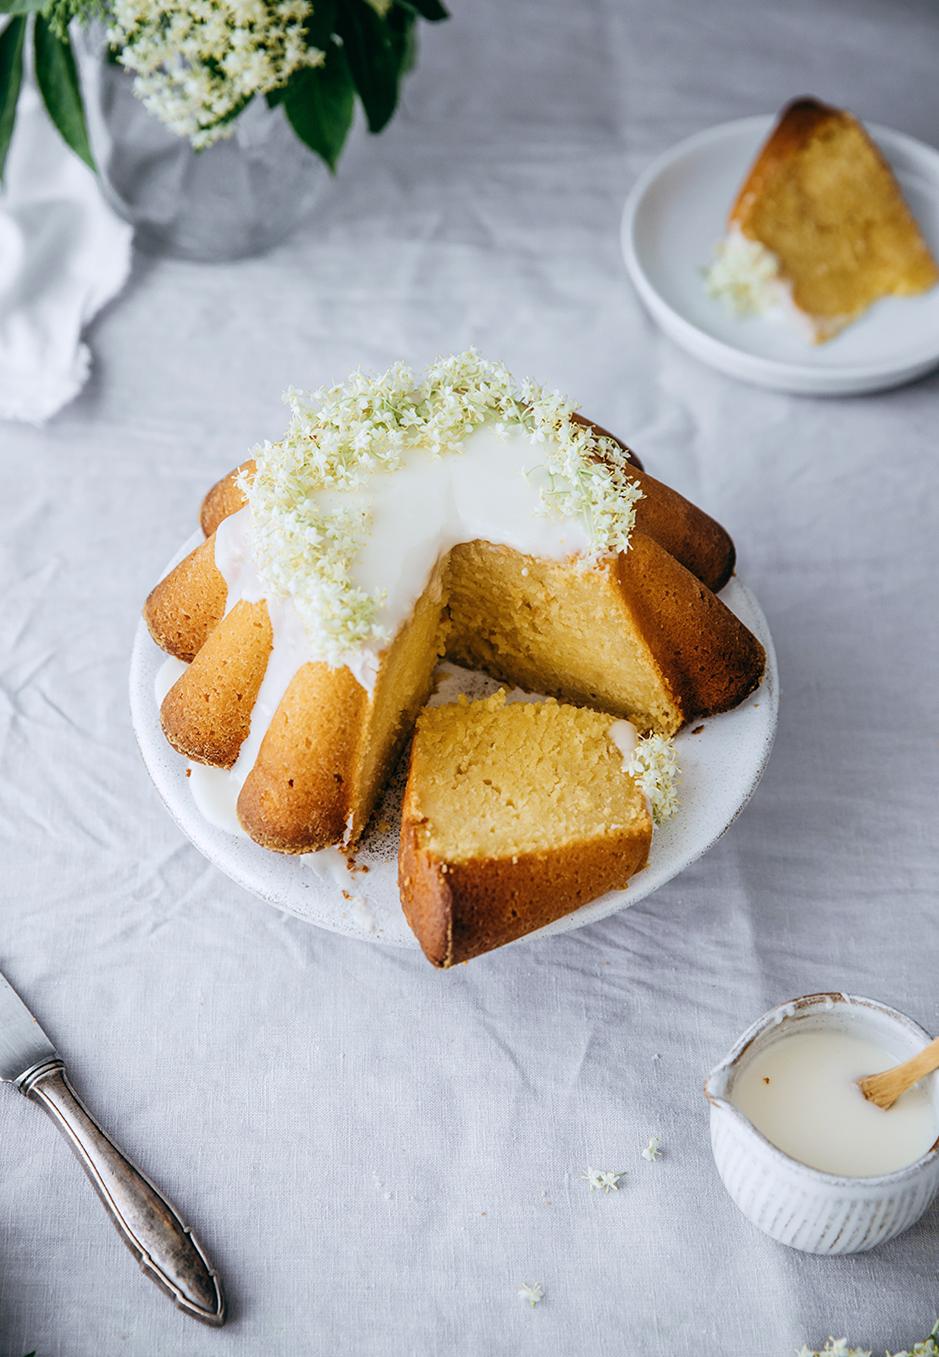 Saftig und lecker: Joghurt-Zitronen-Kuchen mit Holunder.